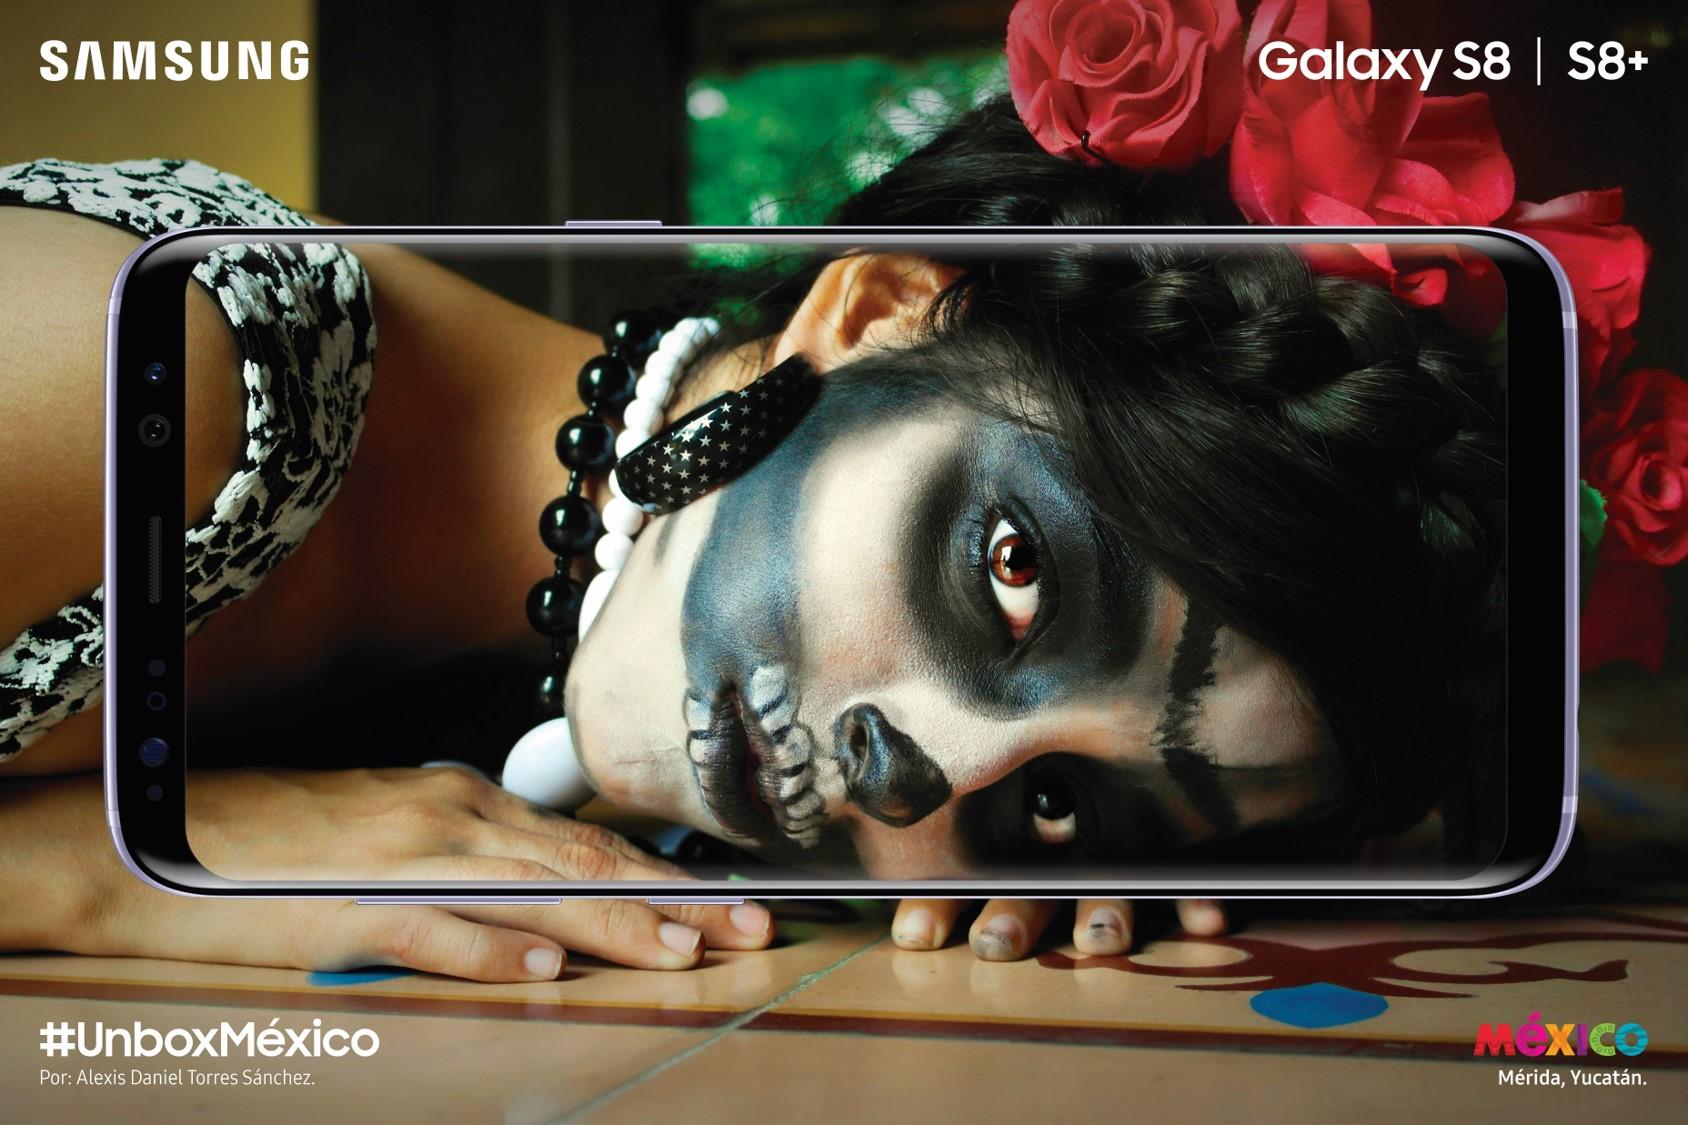 Fotografía ganadora de #UnboxMéxico